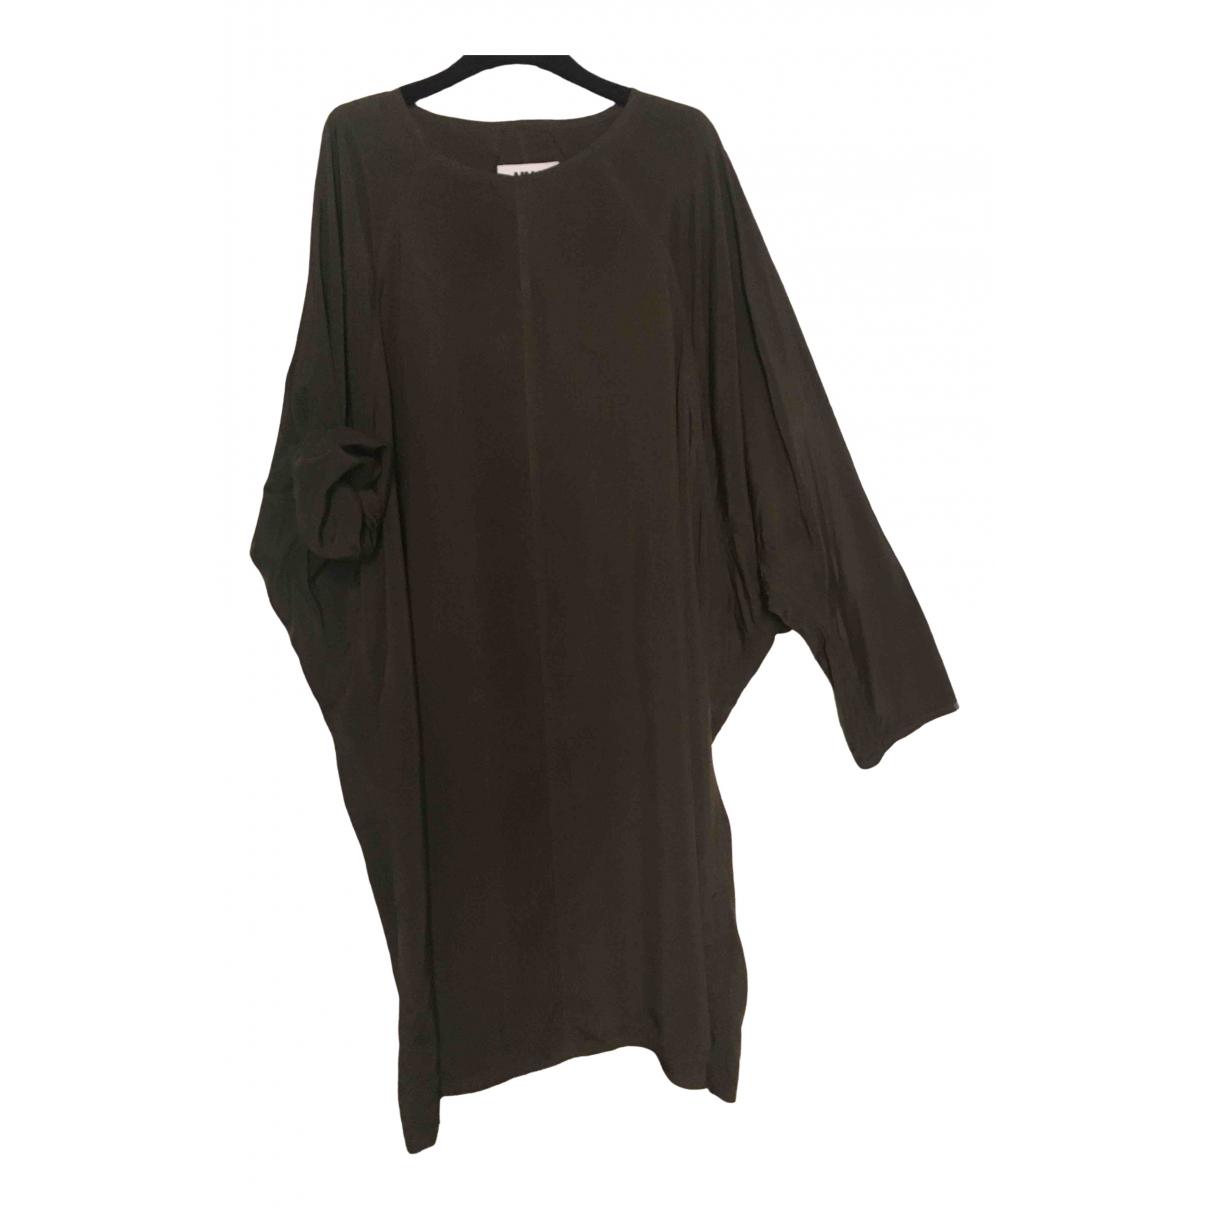 Mm6 \N Kleid in  Khaki Viskose